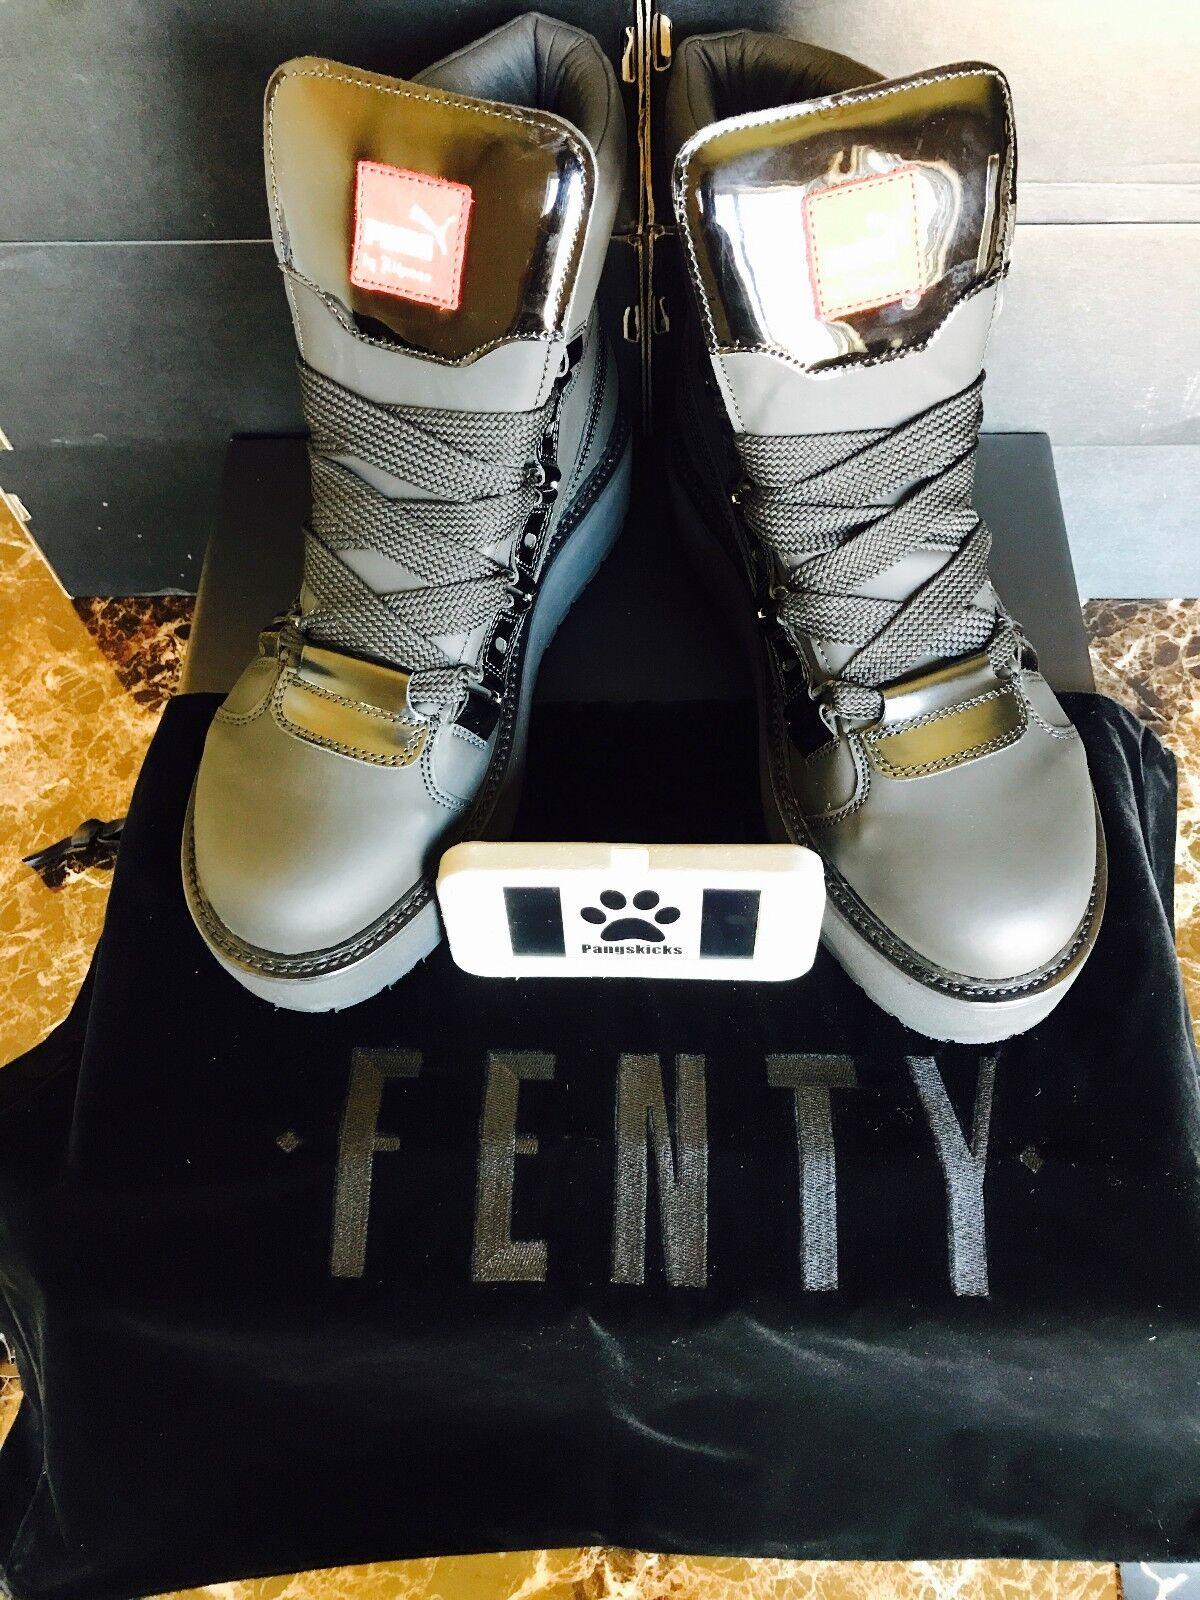 Puma Fenty ojal por Rihanna SB negro ojal Fenty 363040-01 comoda bota 3d2657